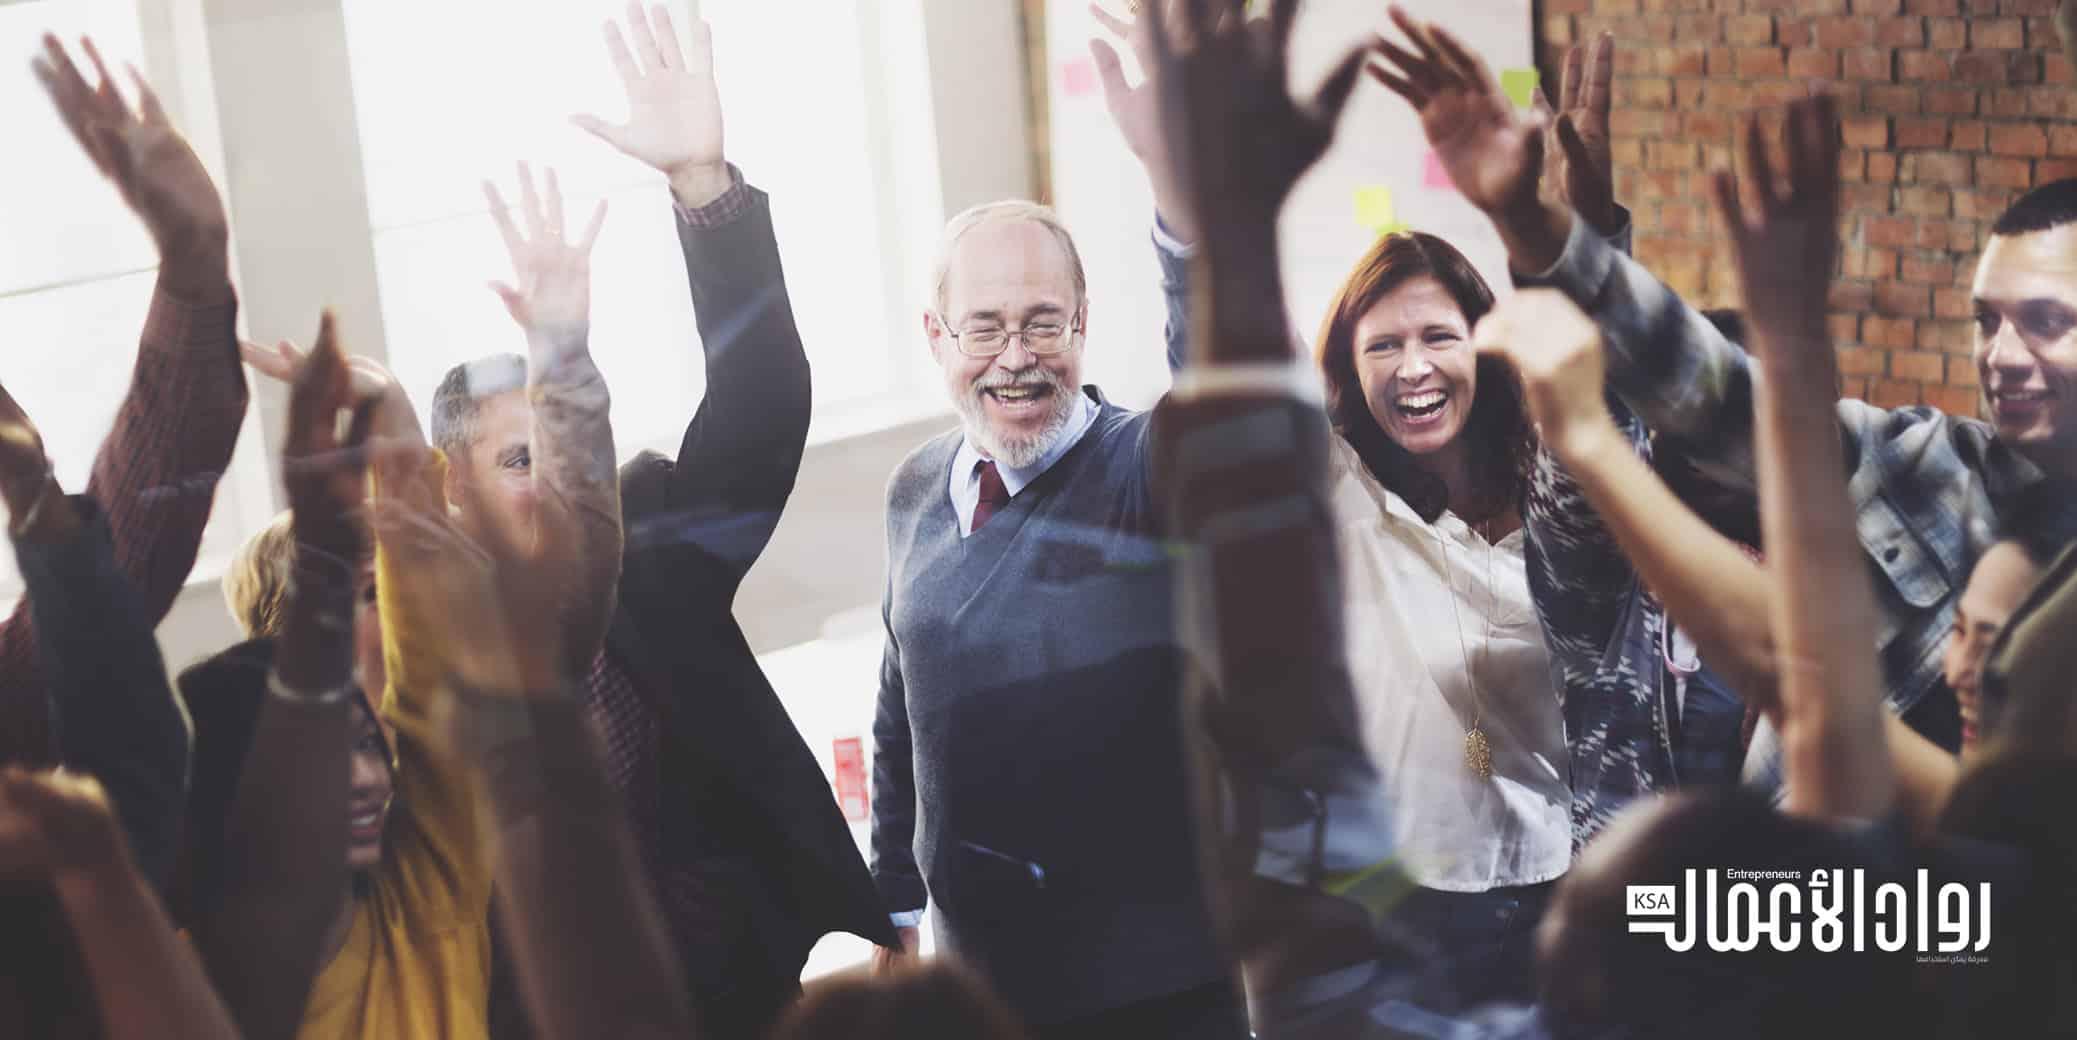 أسرار الموظف الناجح